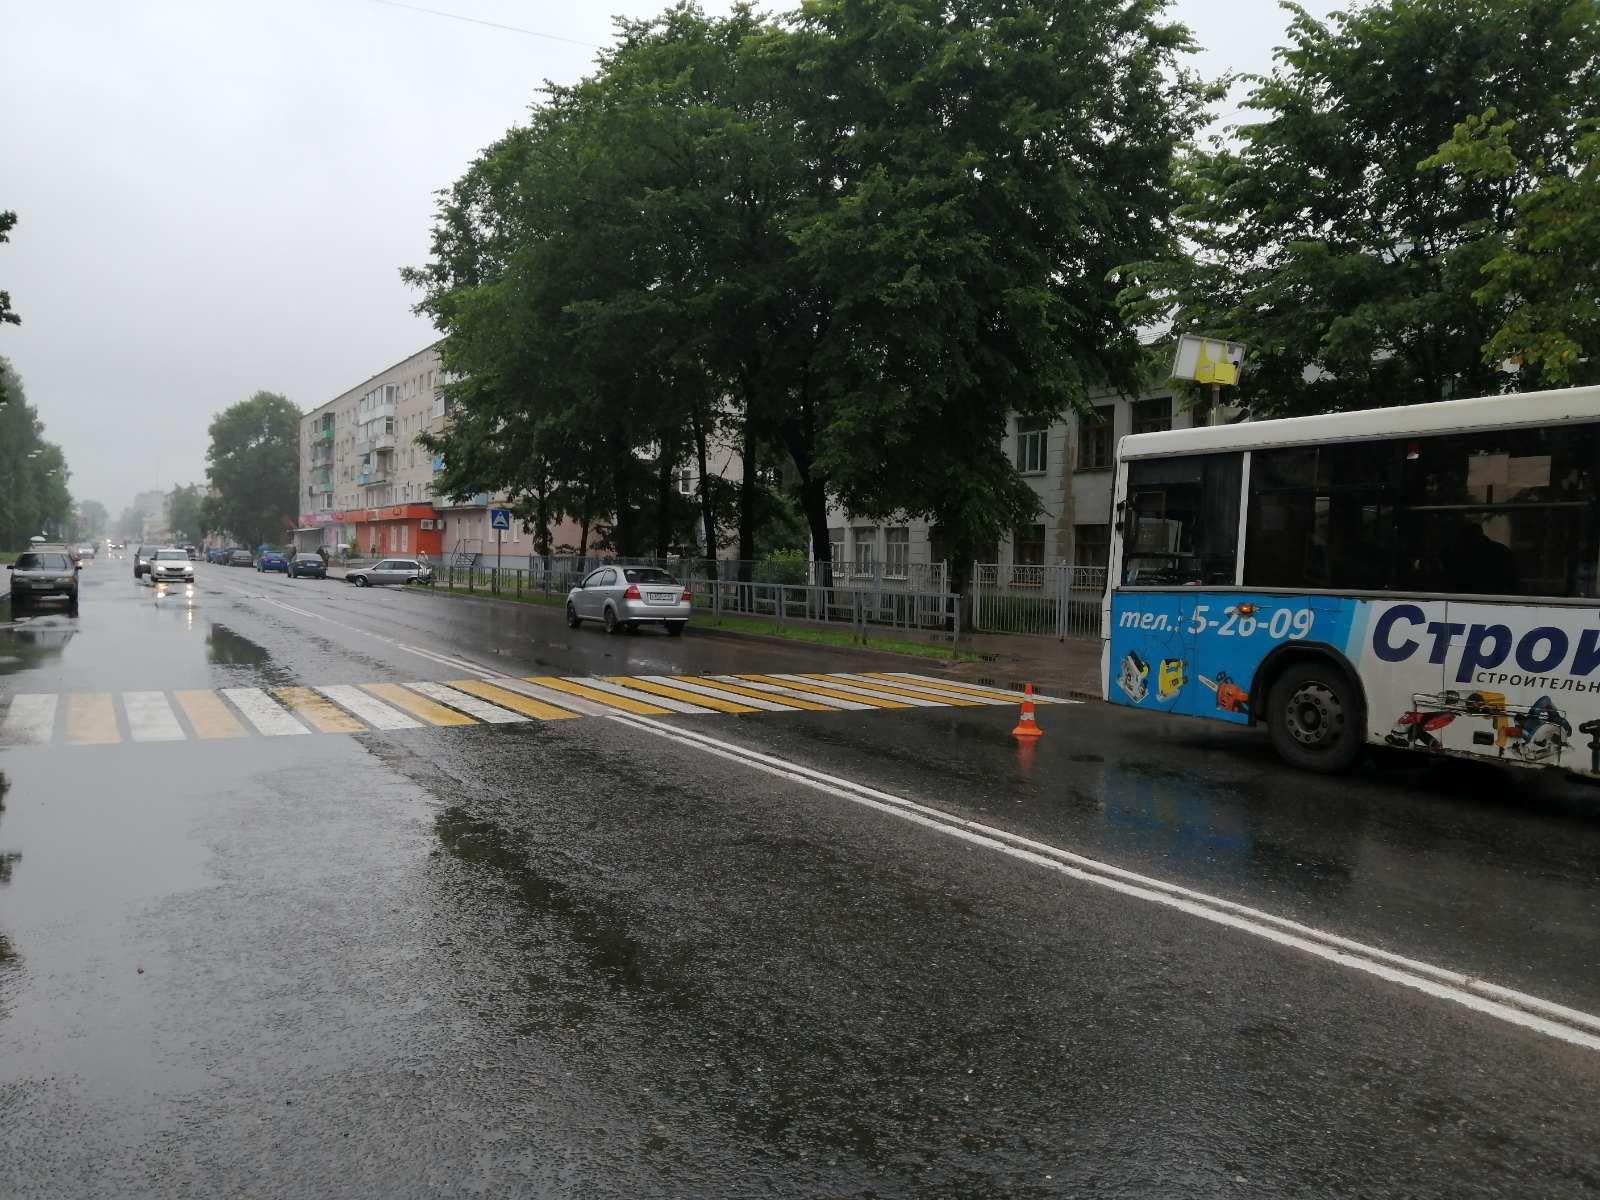 В Тверской области пассажирка автобуса пострадала из-за выбежавшего на дорогу пешехода